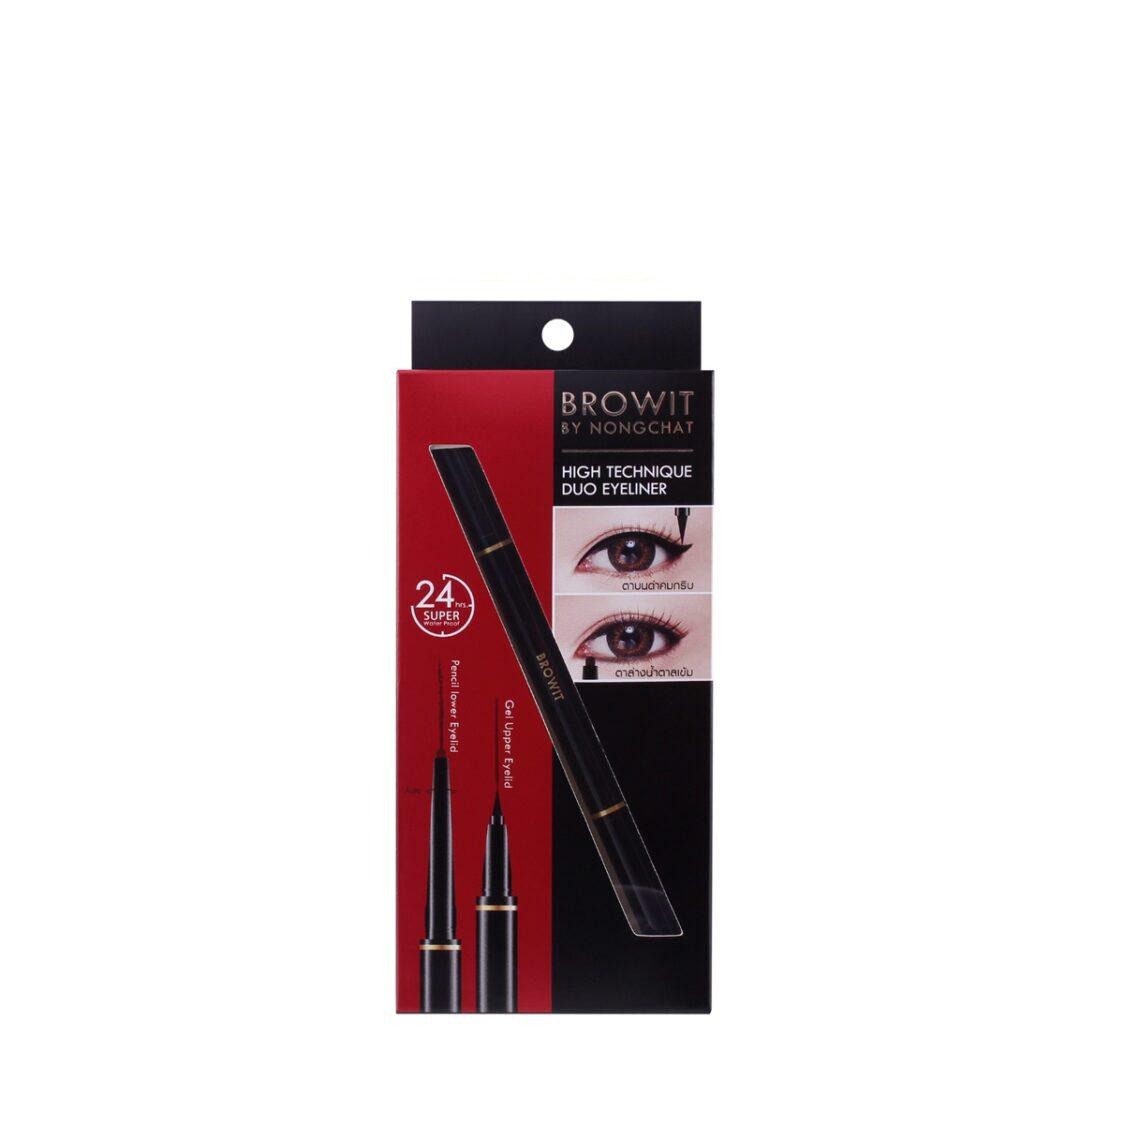 Browit High Technique Duo Eyeliner 05Ml014G Black